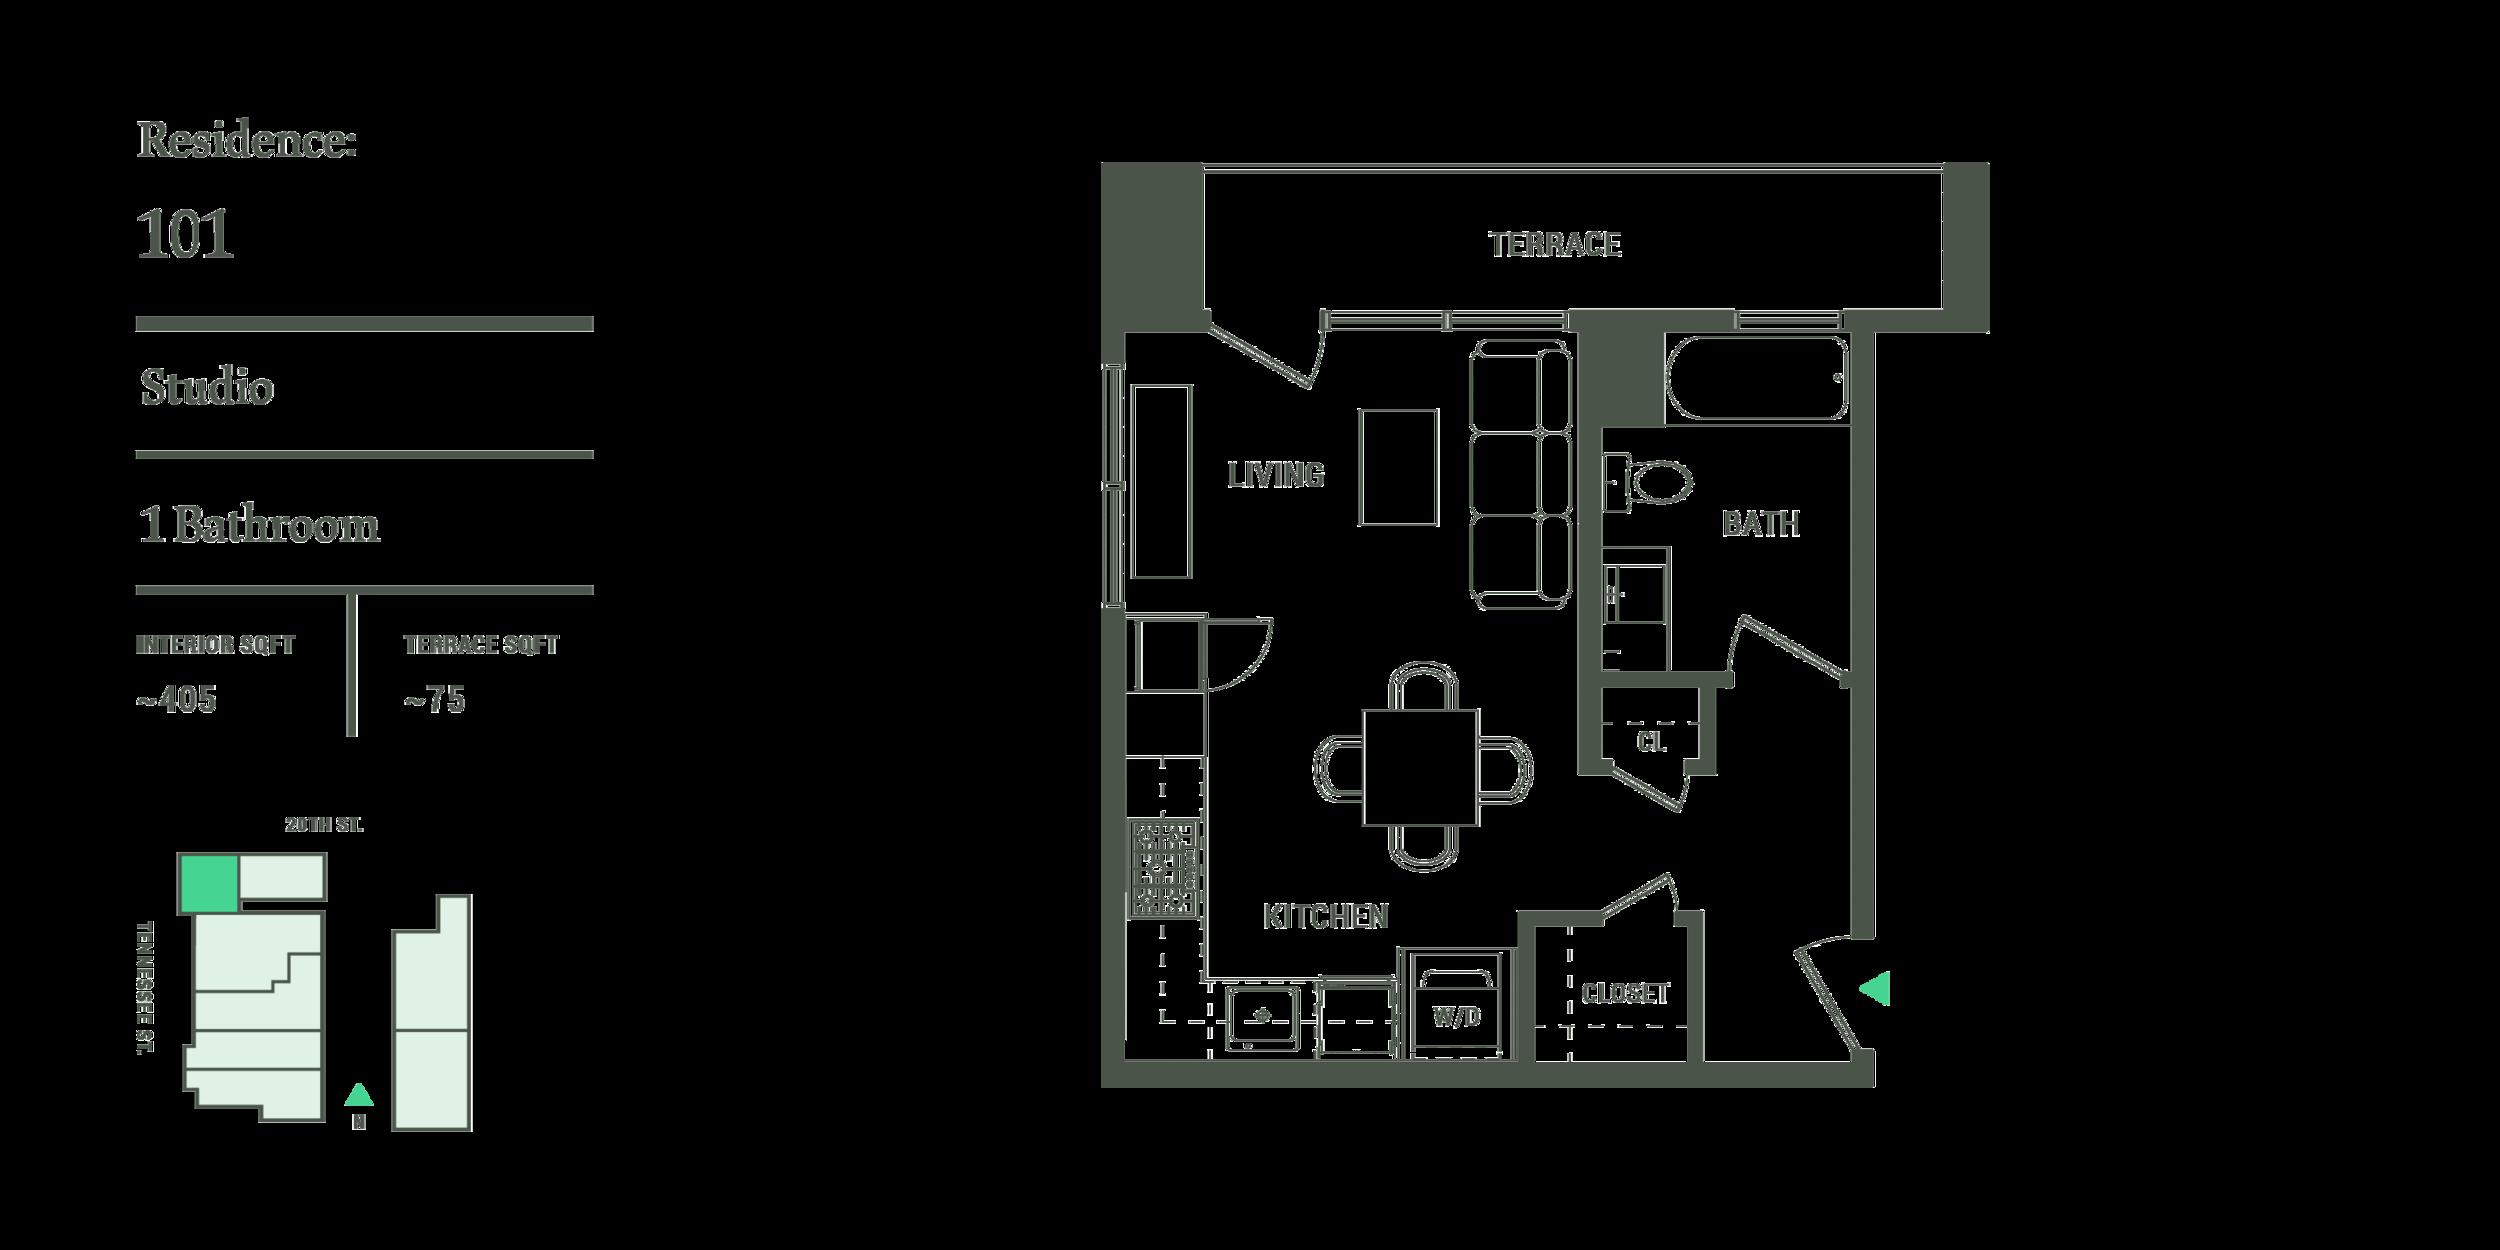 901_site_plans_2.png